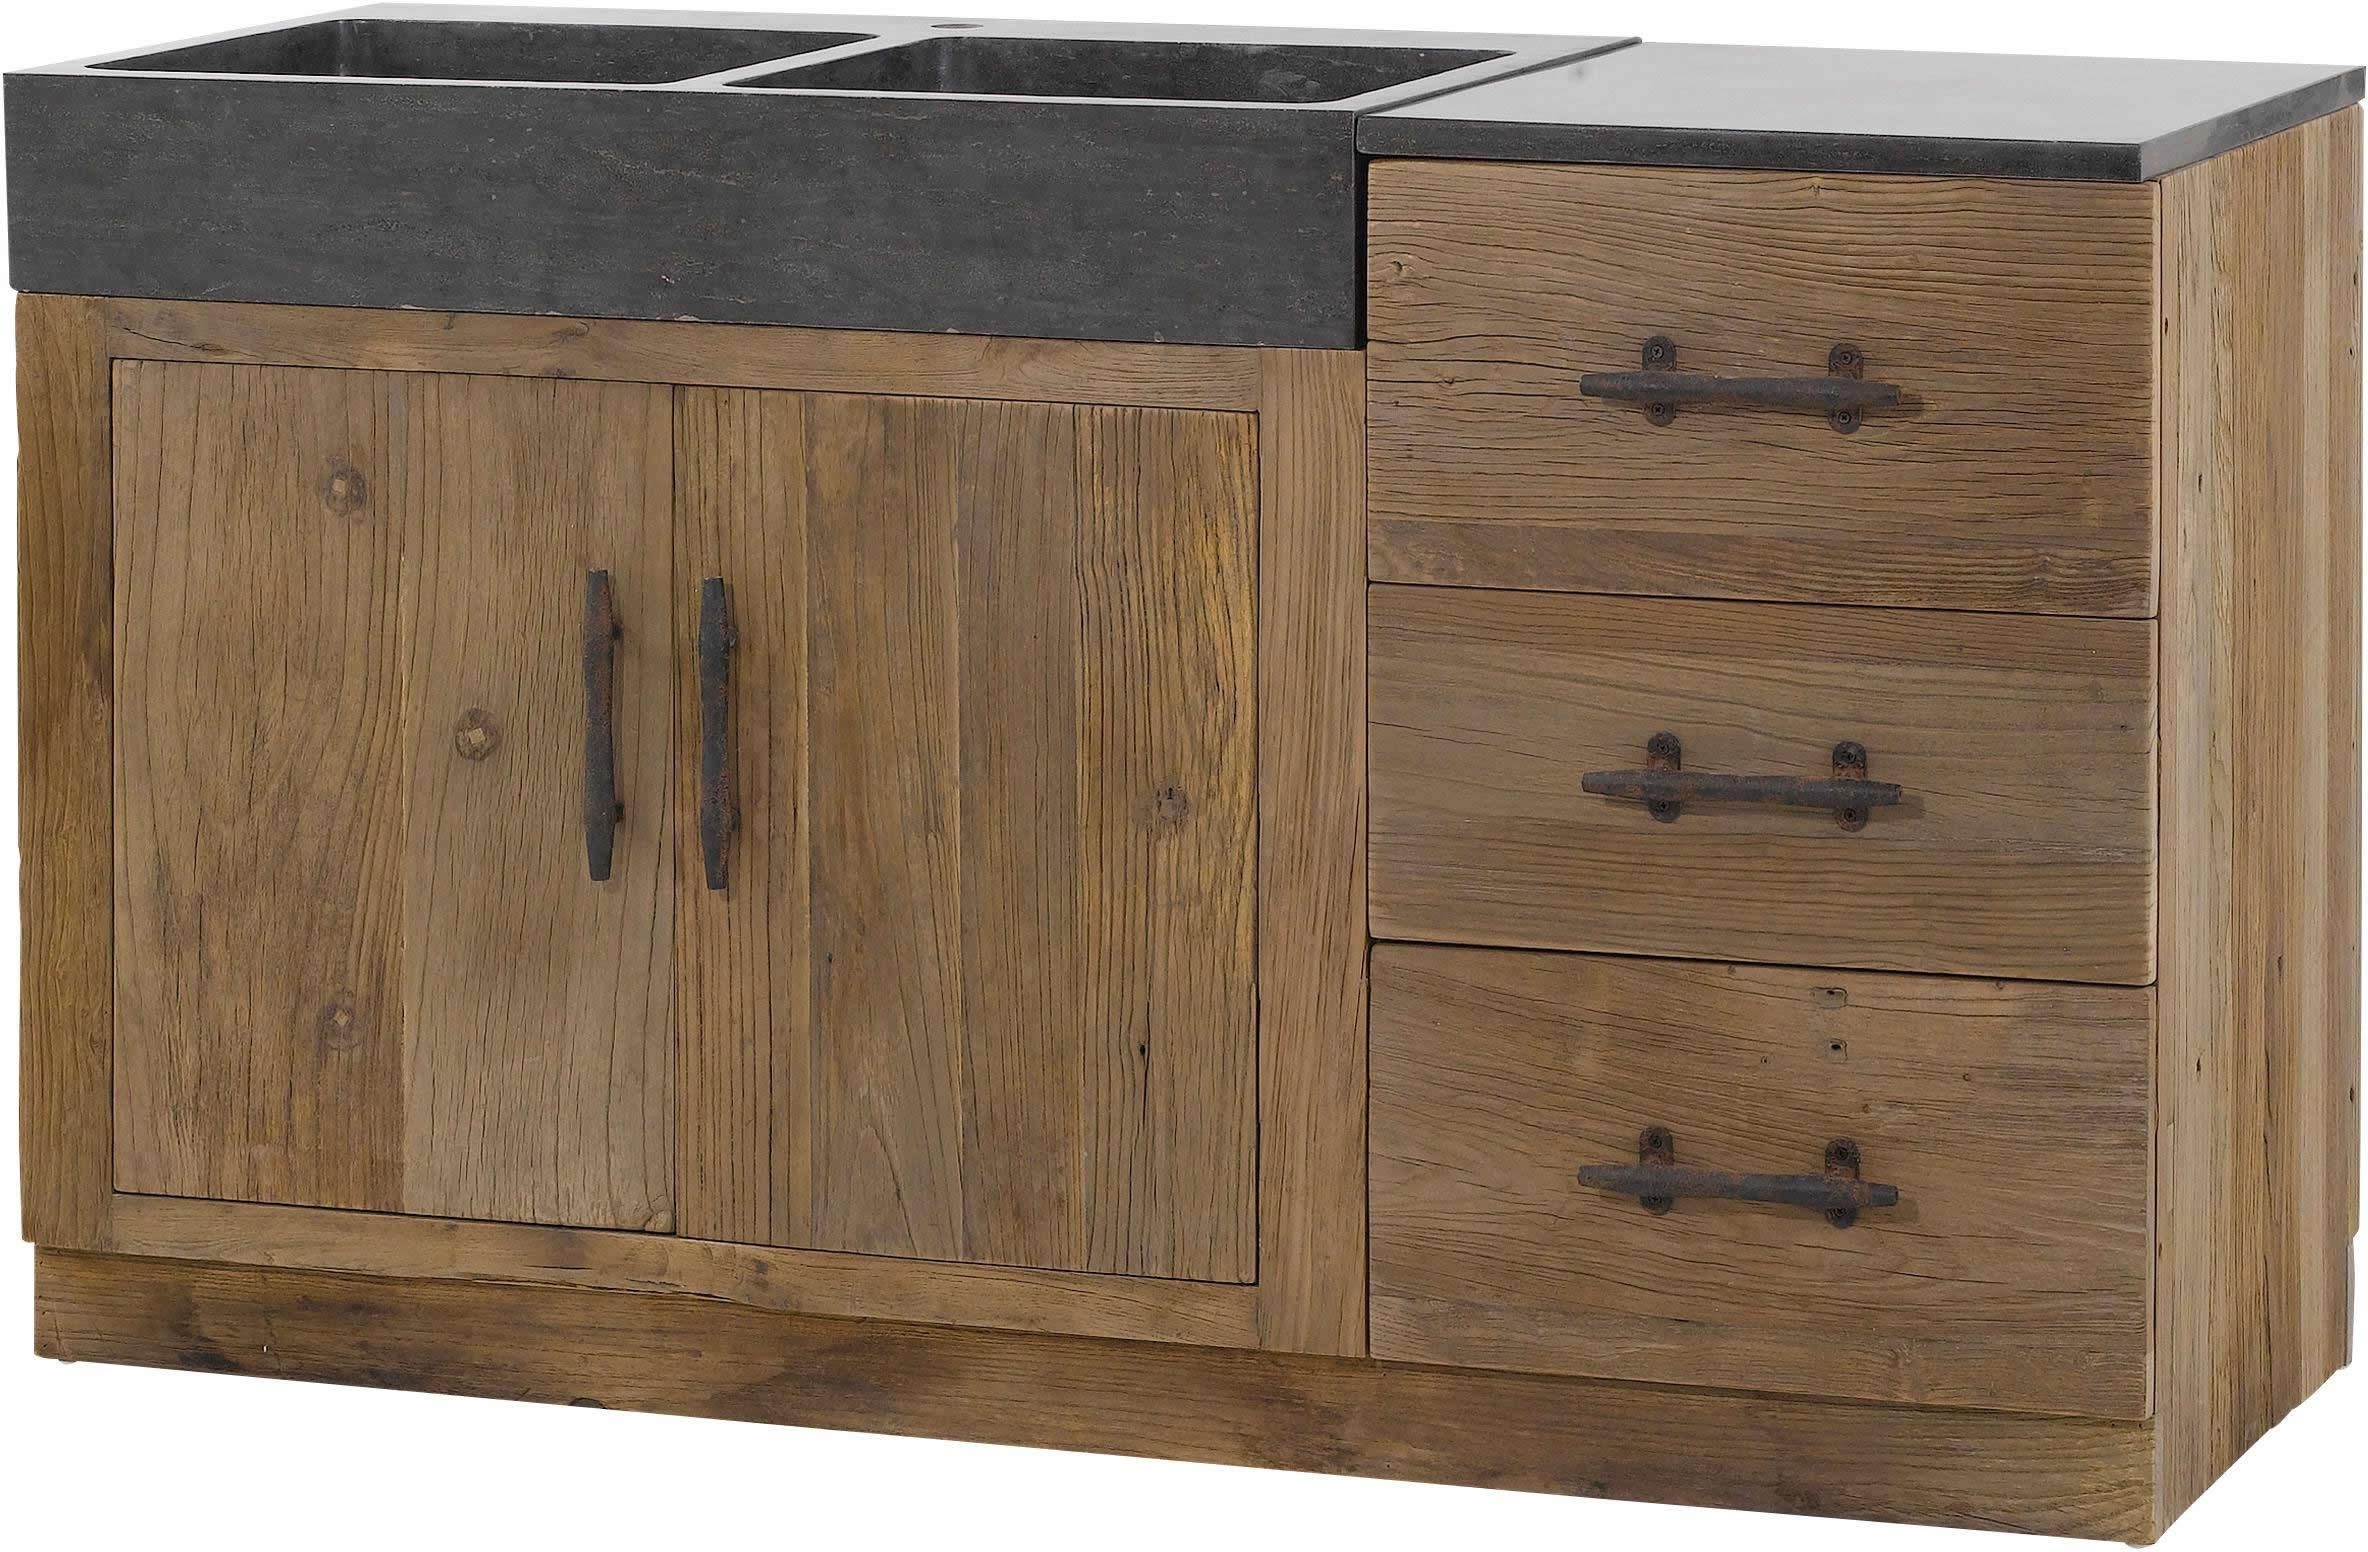 Meuble de cuisine 144x56 5x83 5cm combloux tek import cuisine en bois - Cuisine meuble bois ...